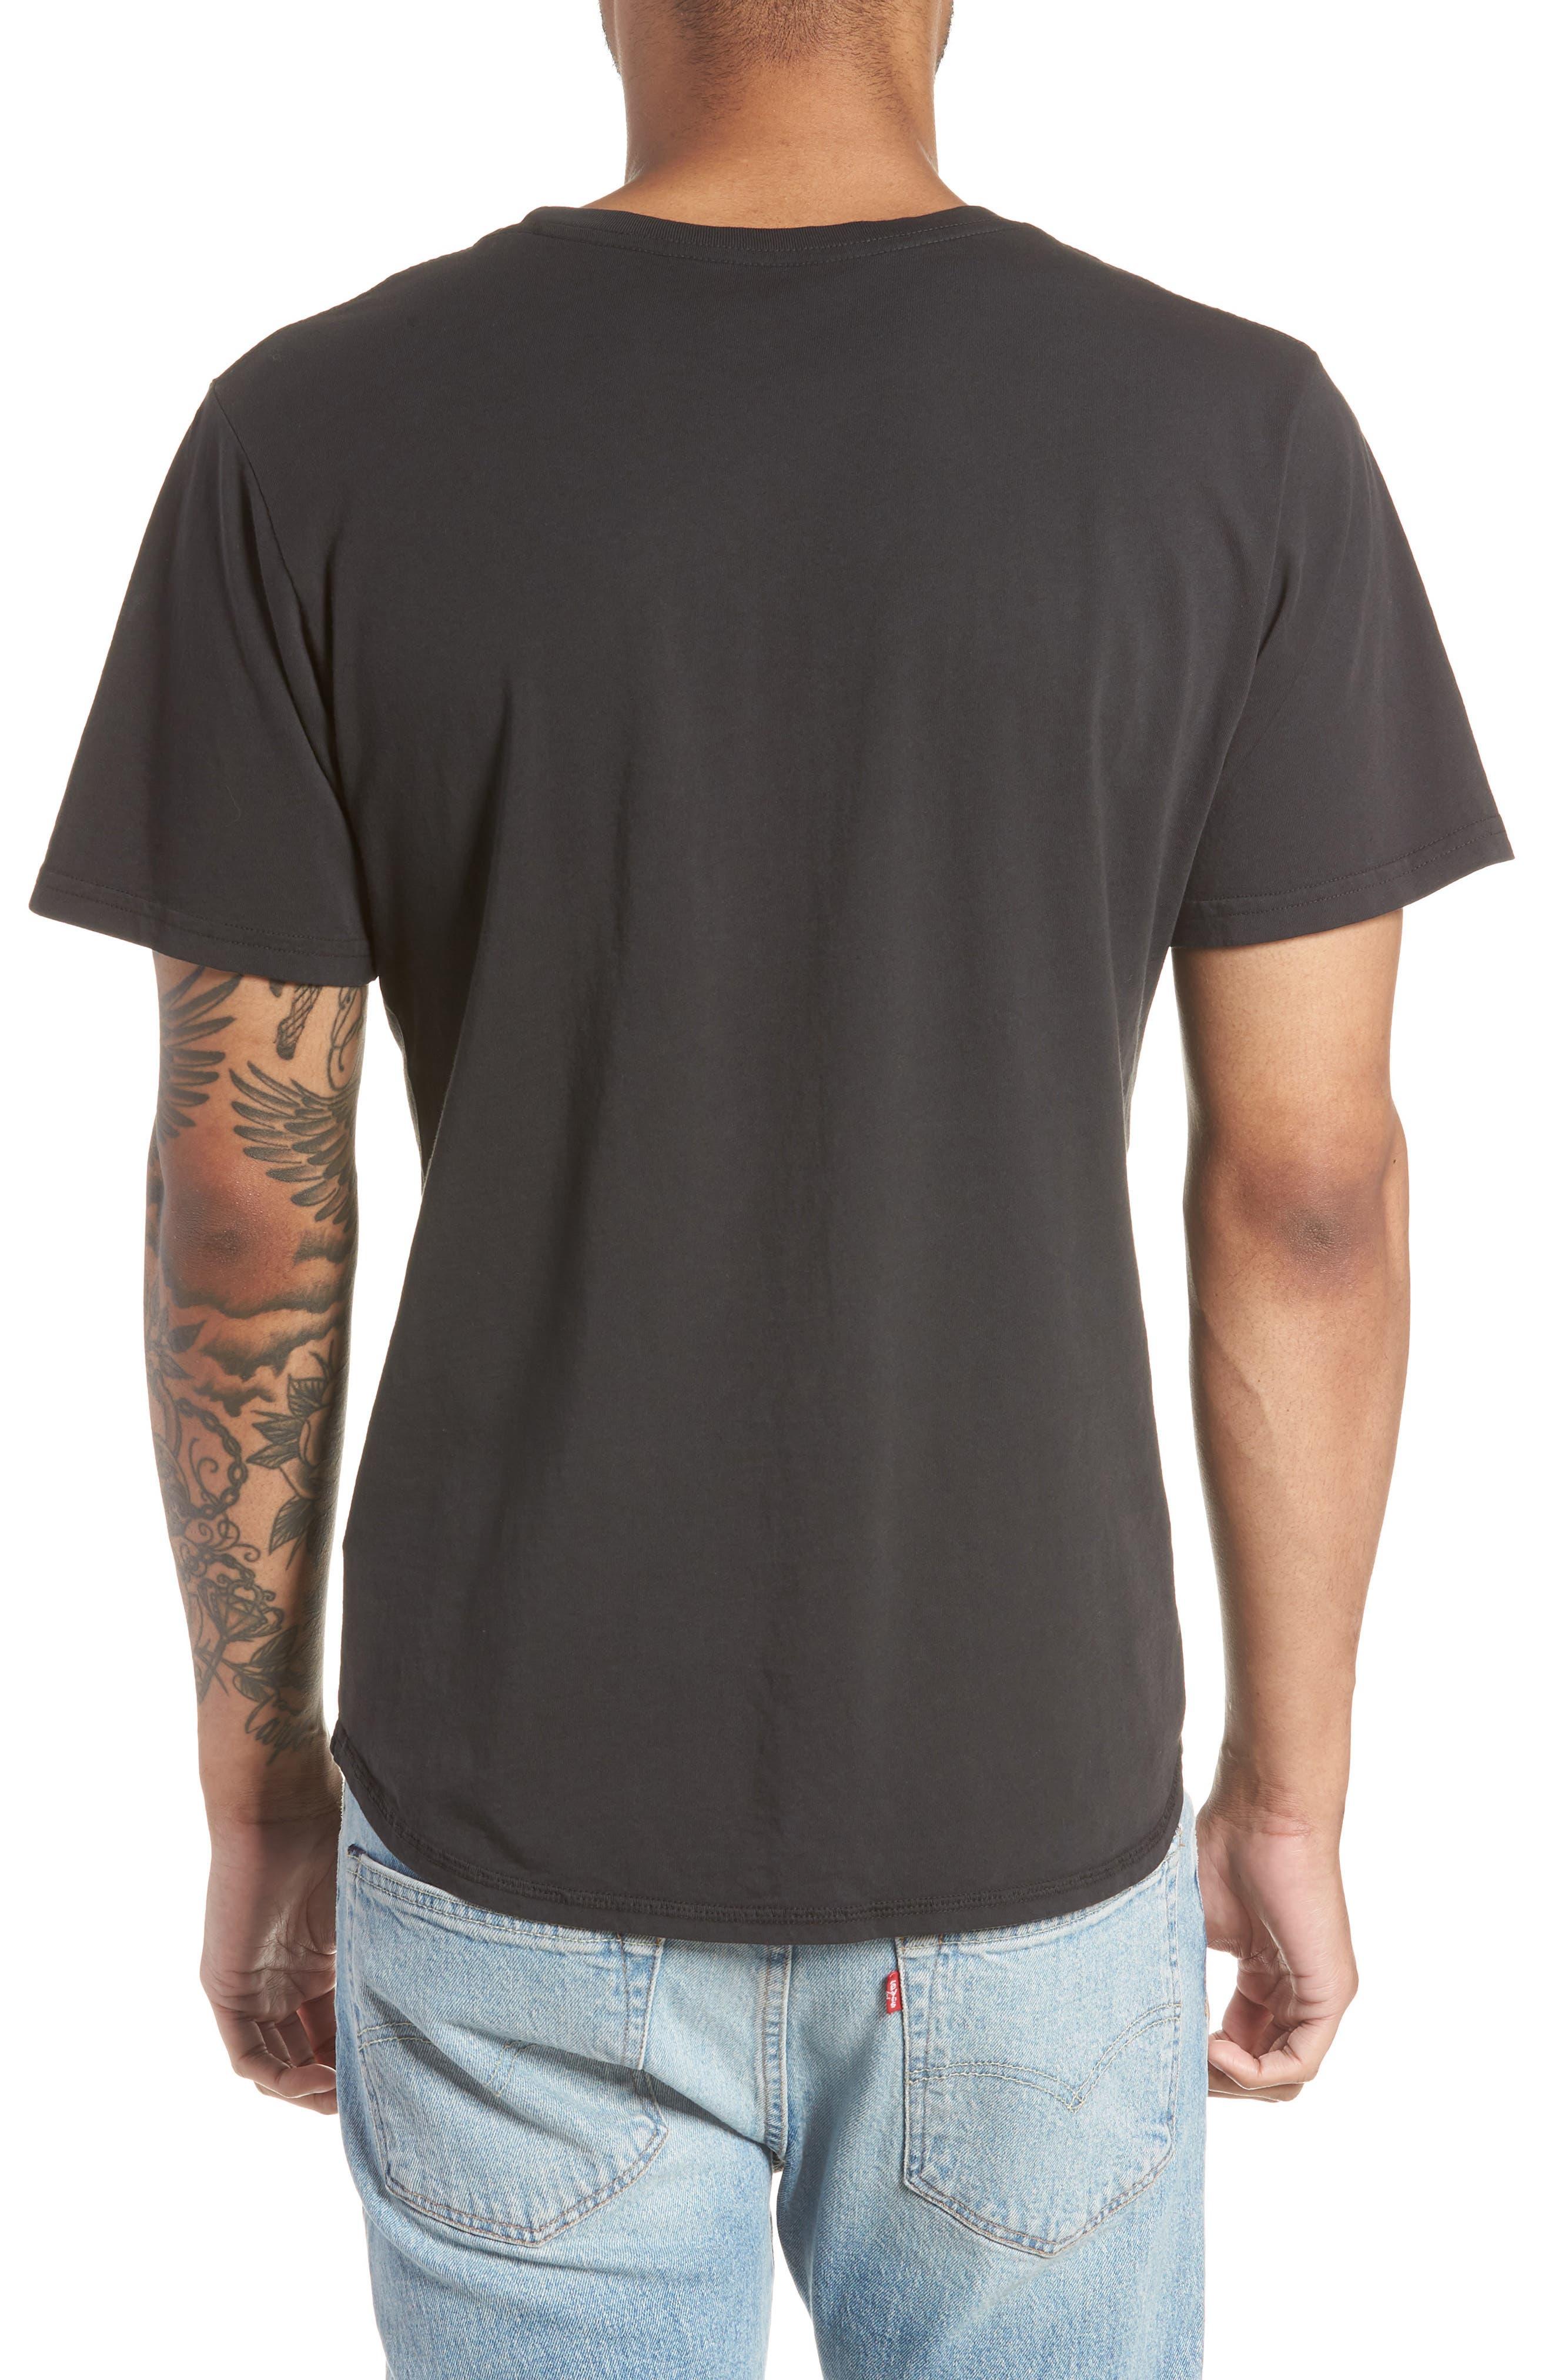 Stolen Valor Graphic T-Shirt,                             Alternate thumbnail 2, color,                             DUSTY BLACK